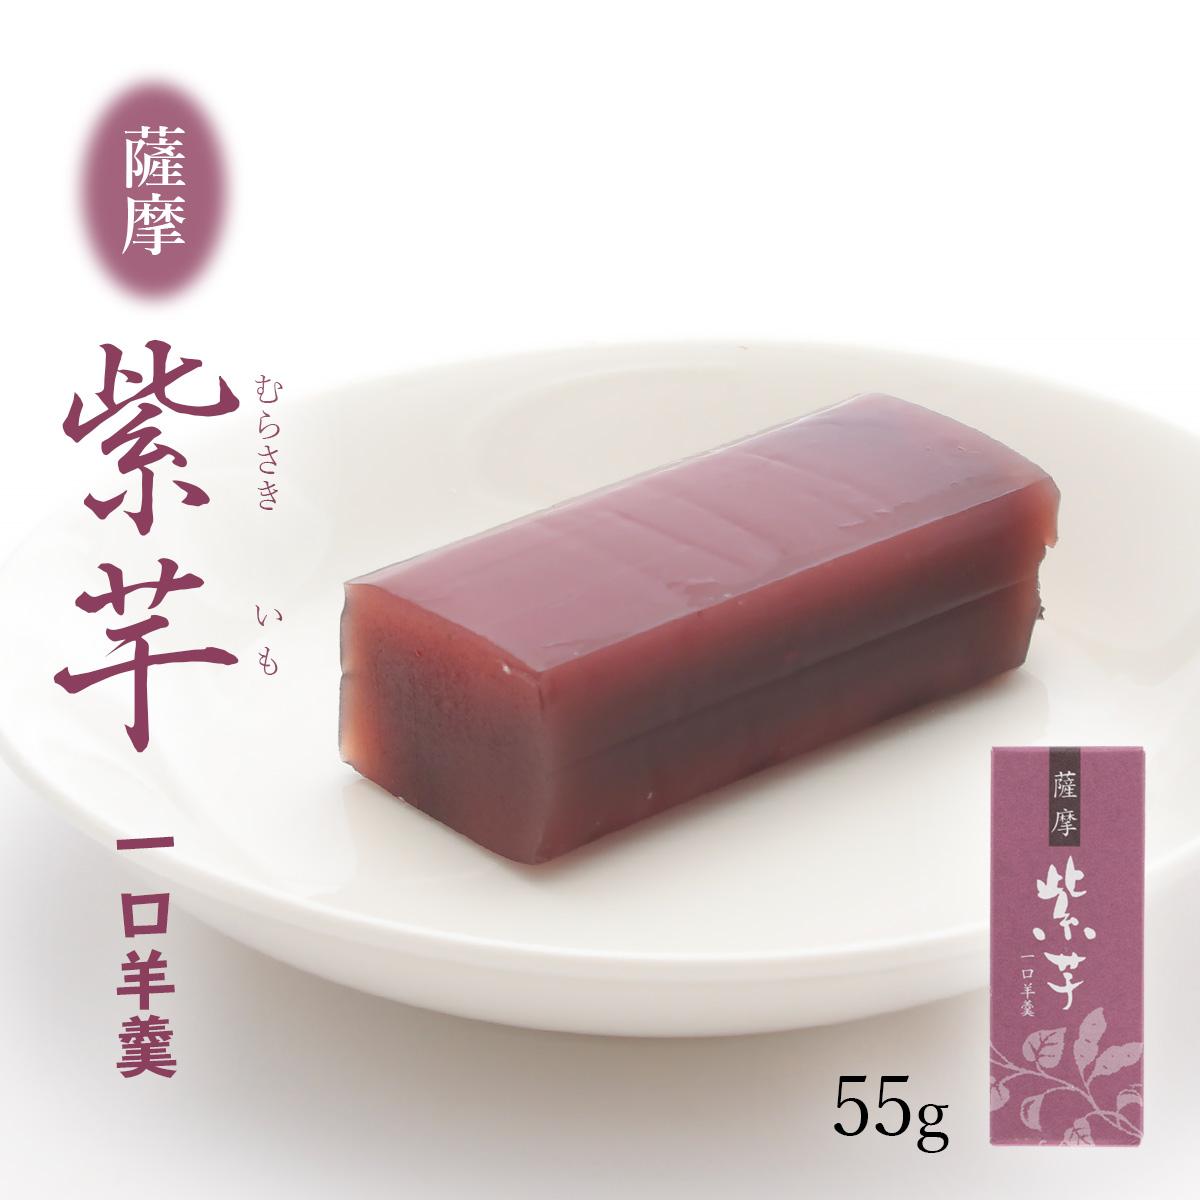 紫芋を使用した一口羊羹 馬場製菓 ようかん 薩摩 贈呈 紫芋 正規品 一口羊羹 屋久島 55g 一口 土産 羊羹